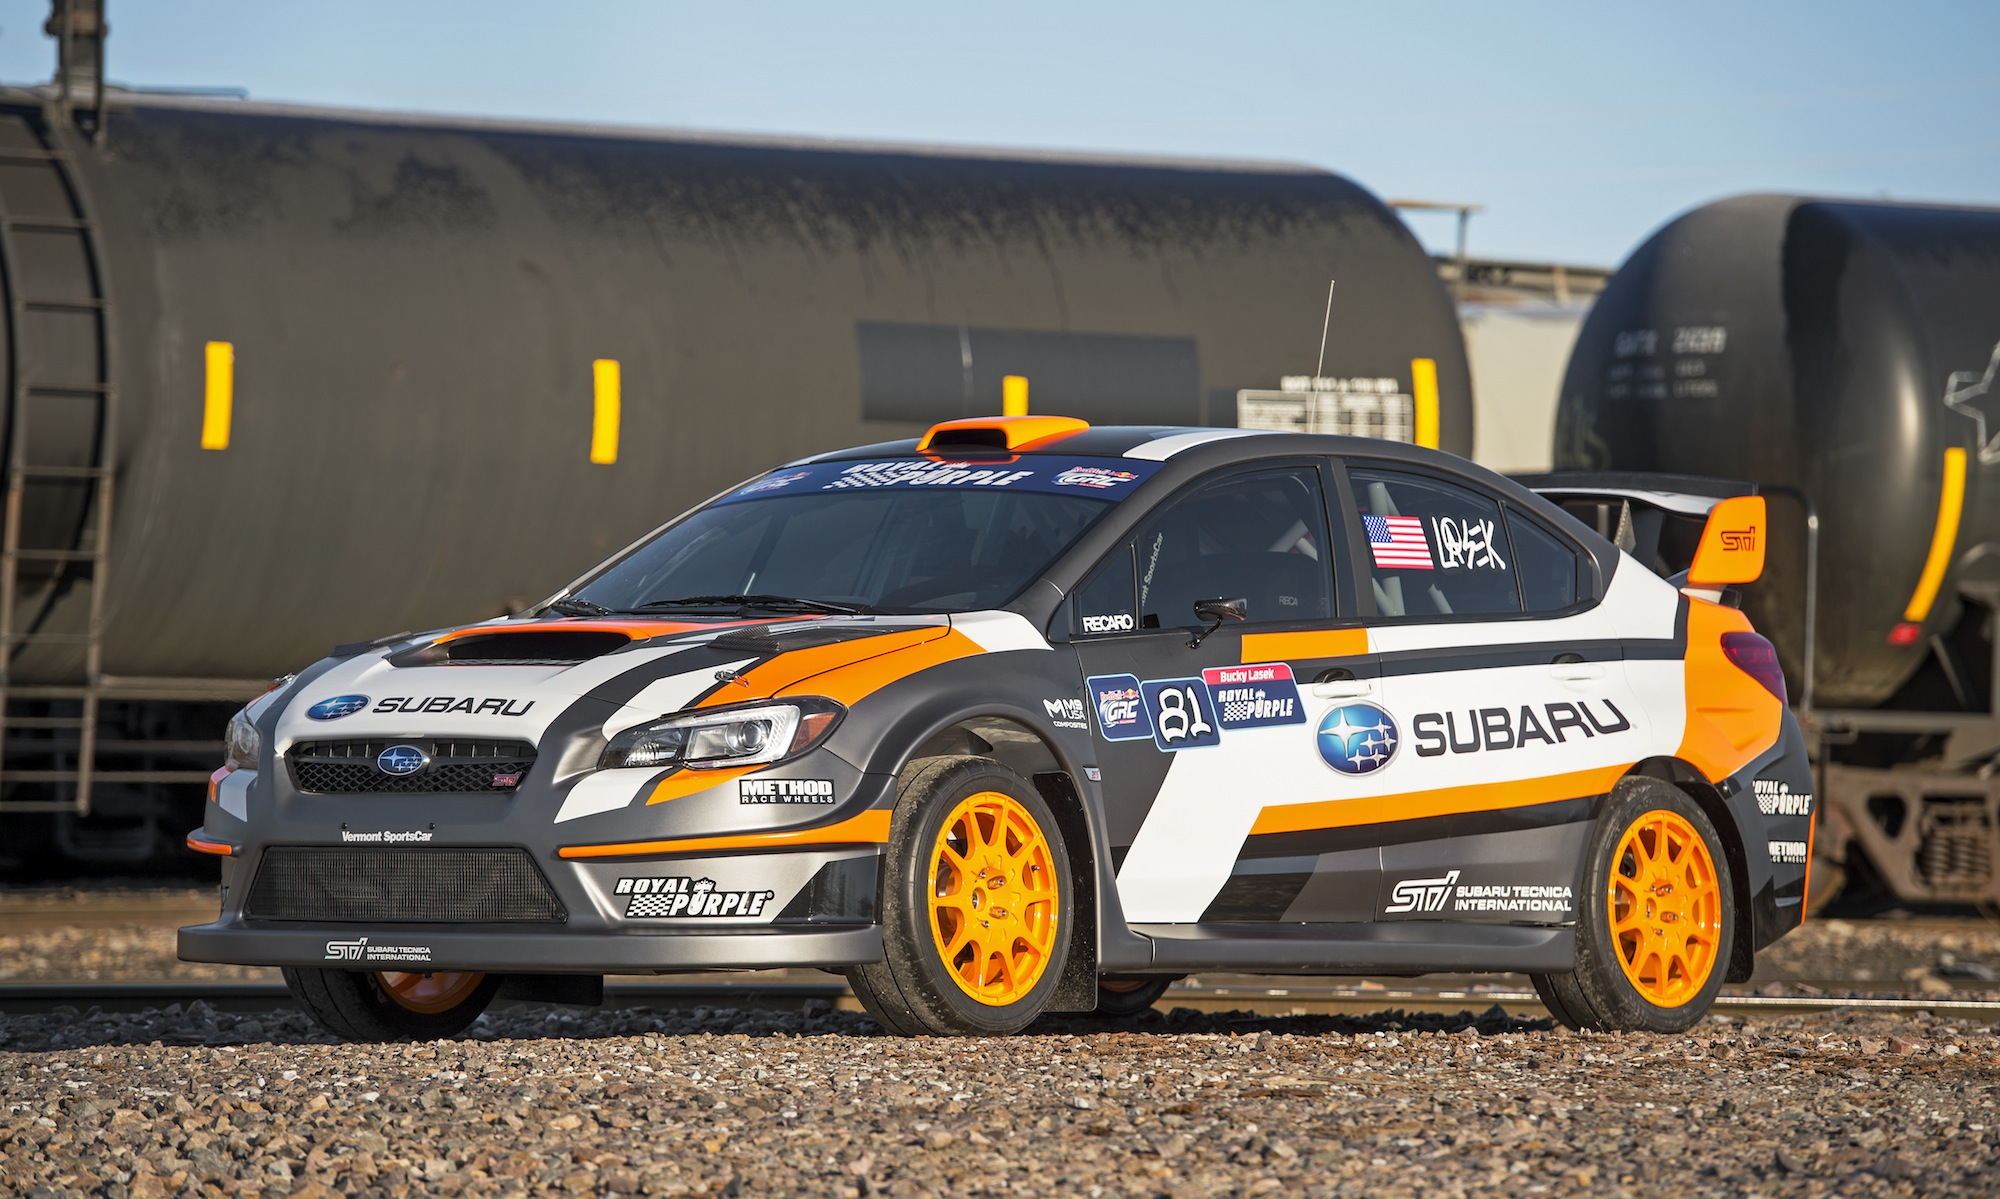 Wrx rallycross